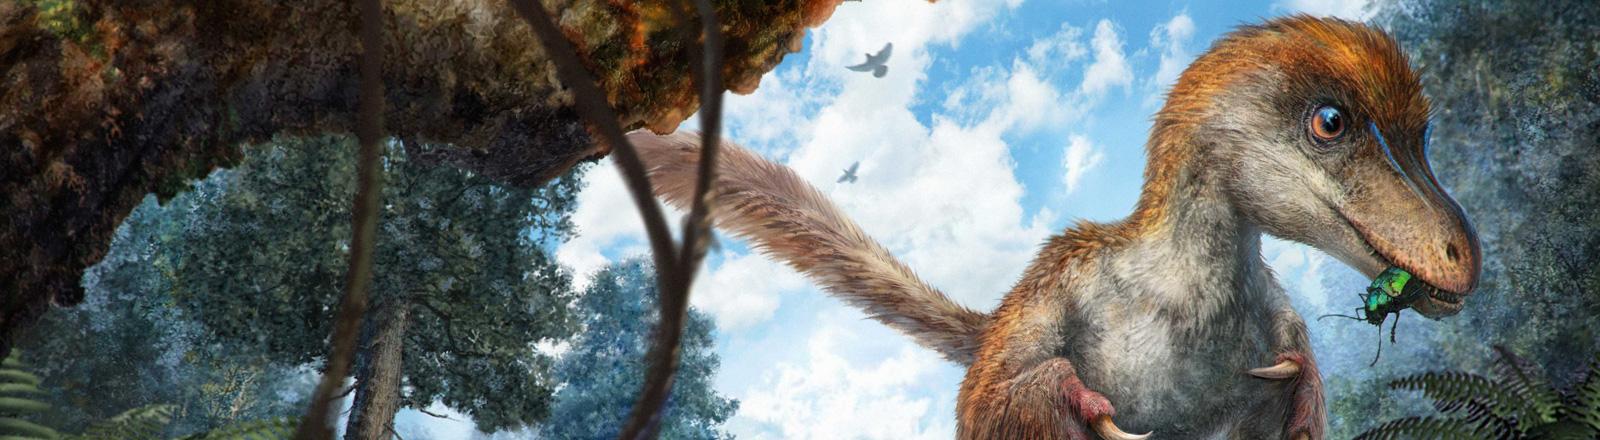 Eine Zeichnung eines kleinen Coelurosaurus im Wald.